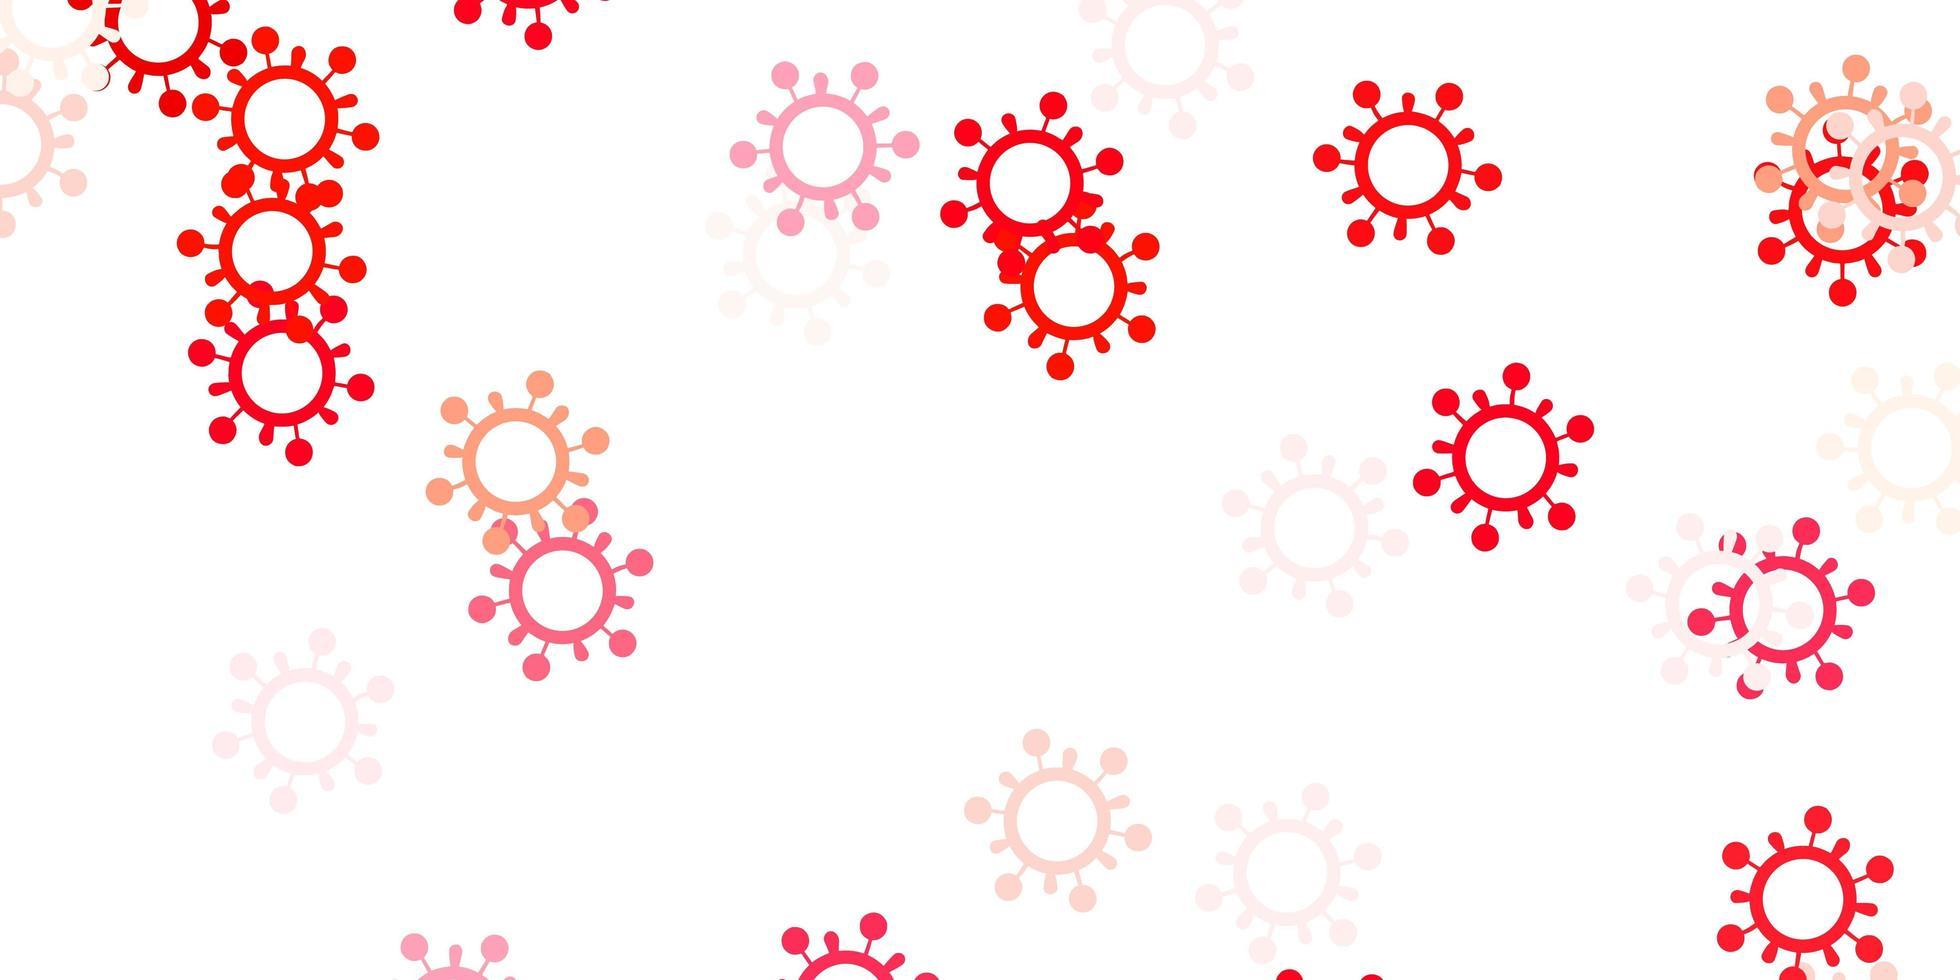 modelo vermelho claro com sinais de gripe. vetor